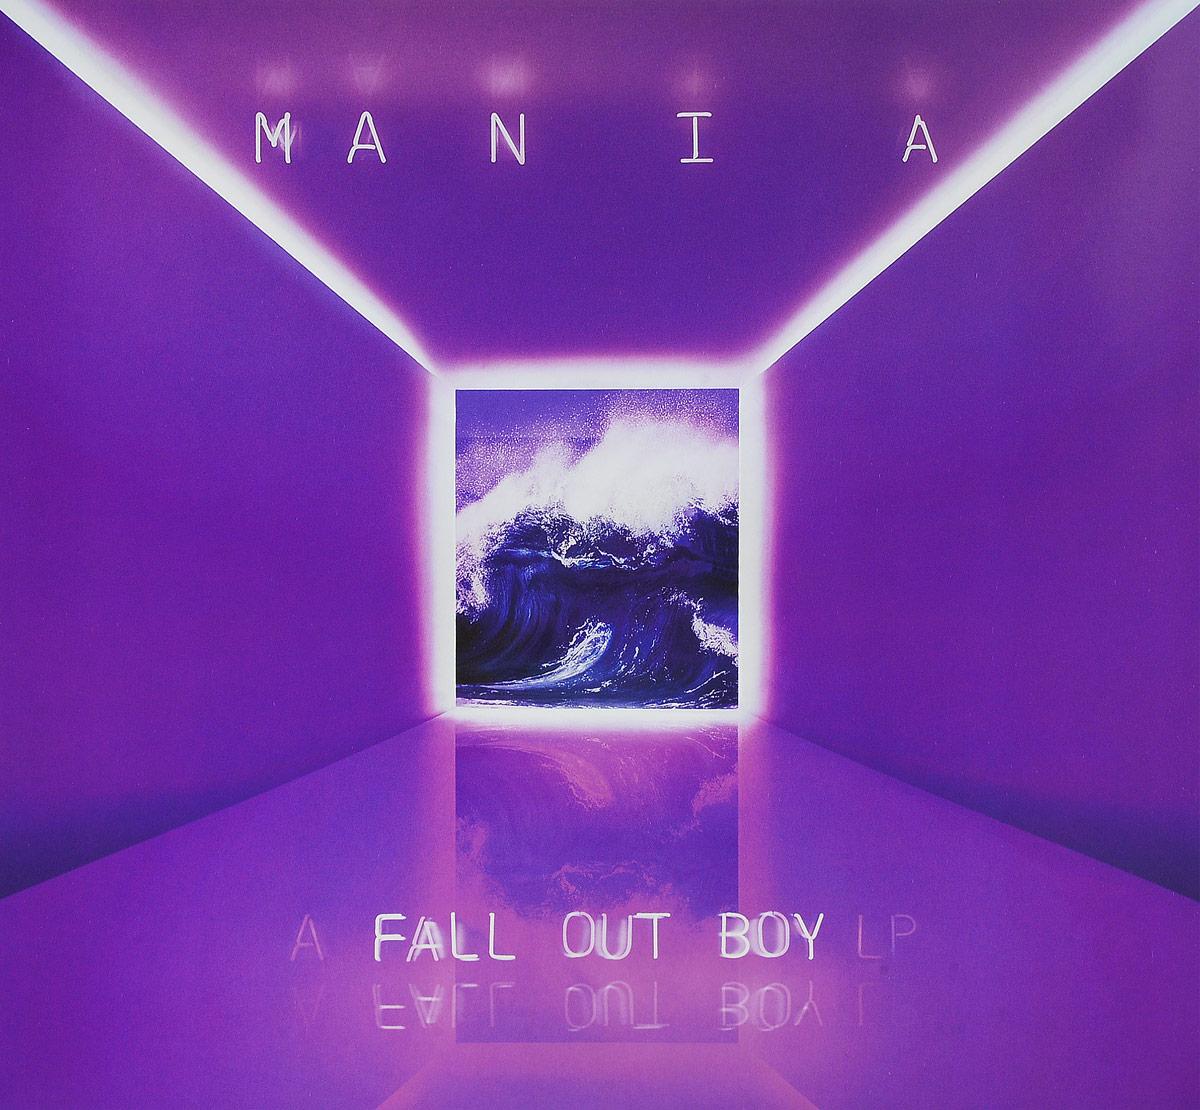 Fall Out Boy Boy. Mania (LP)